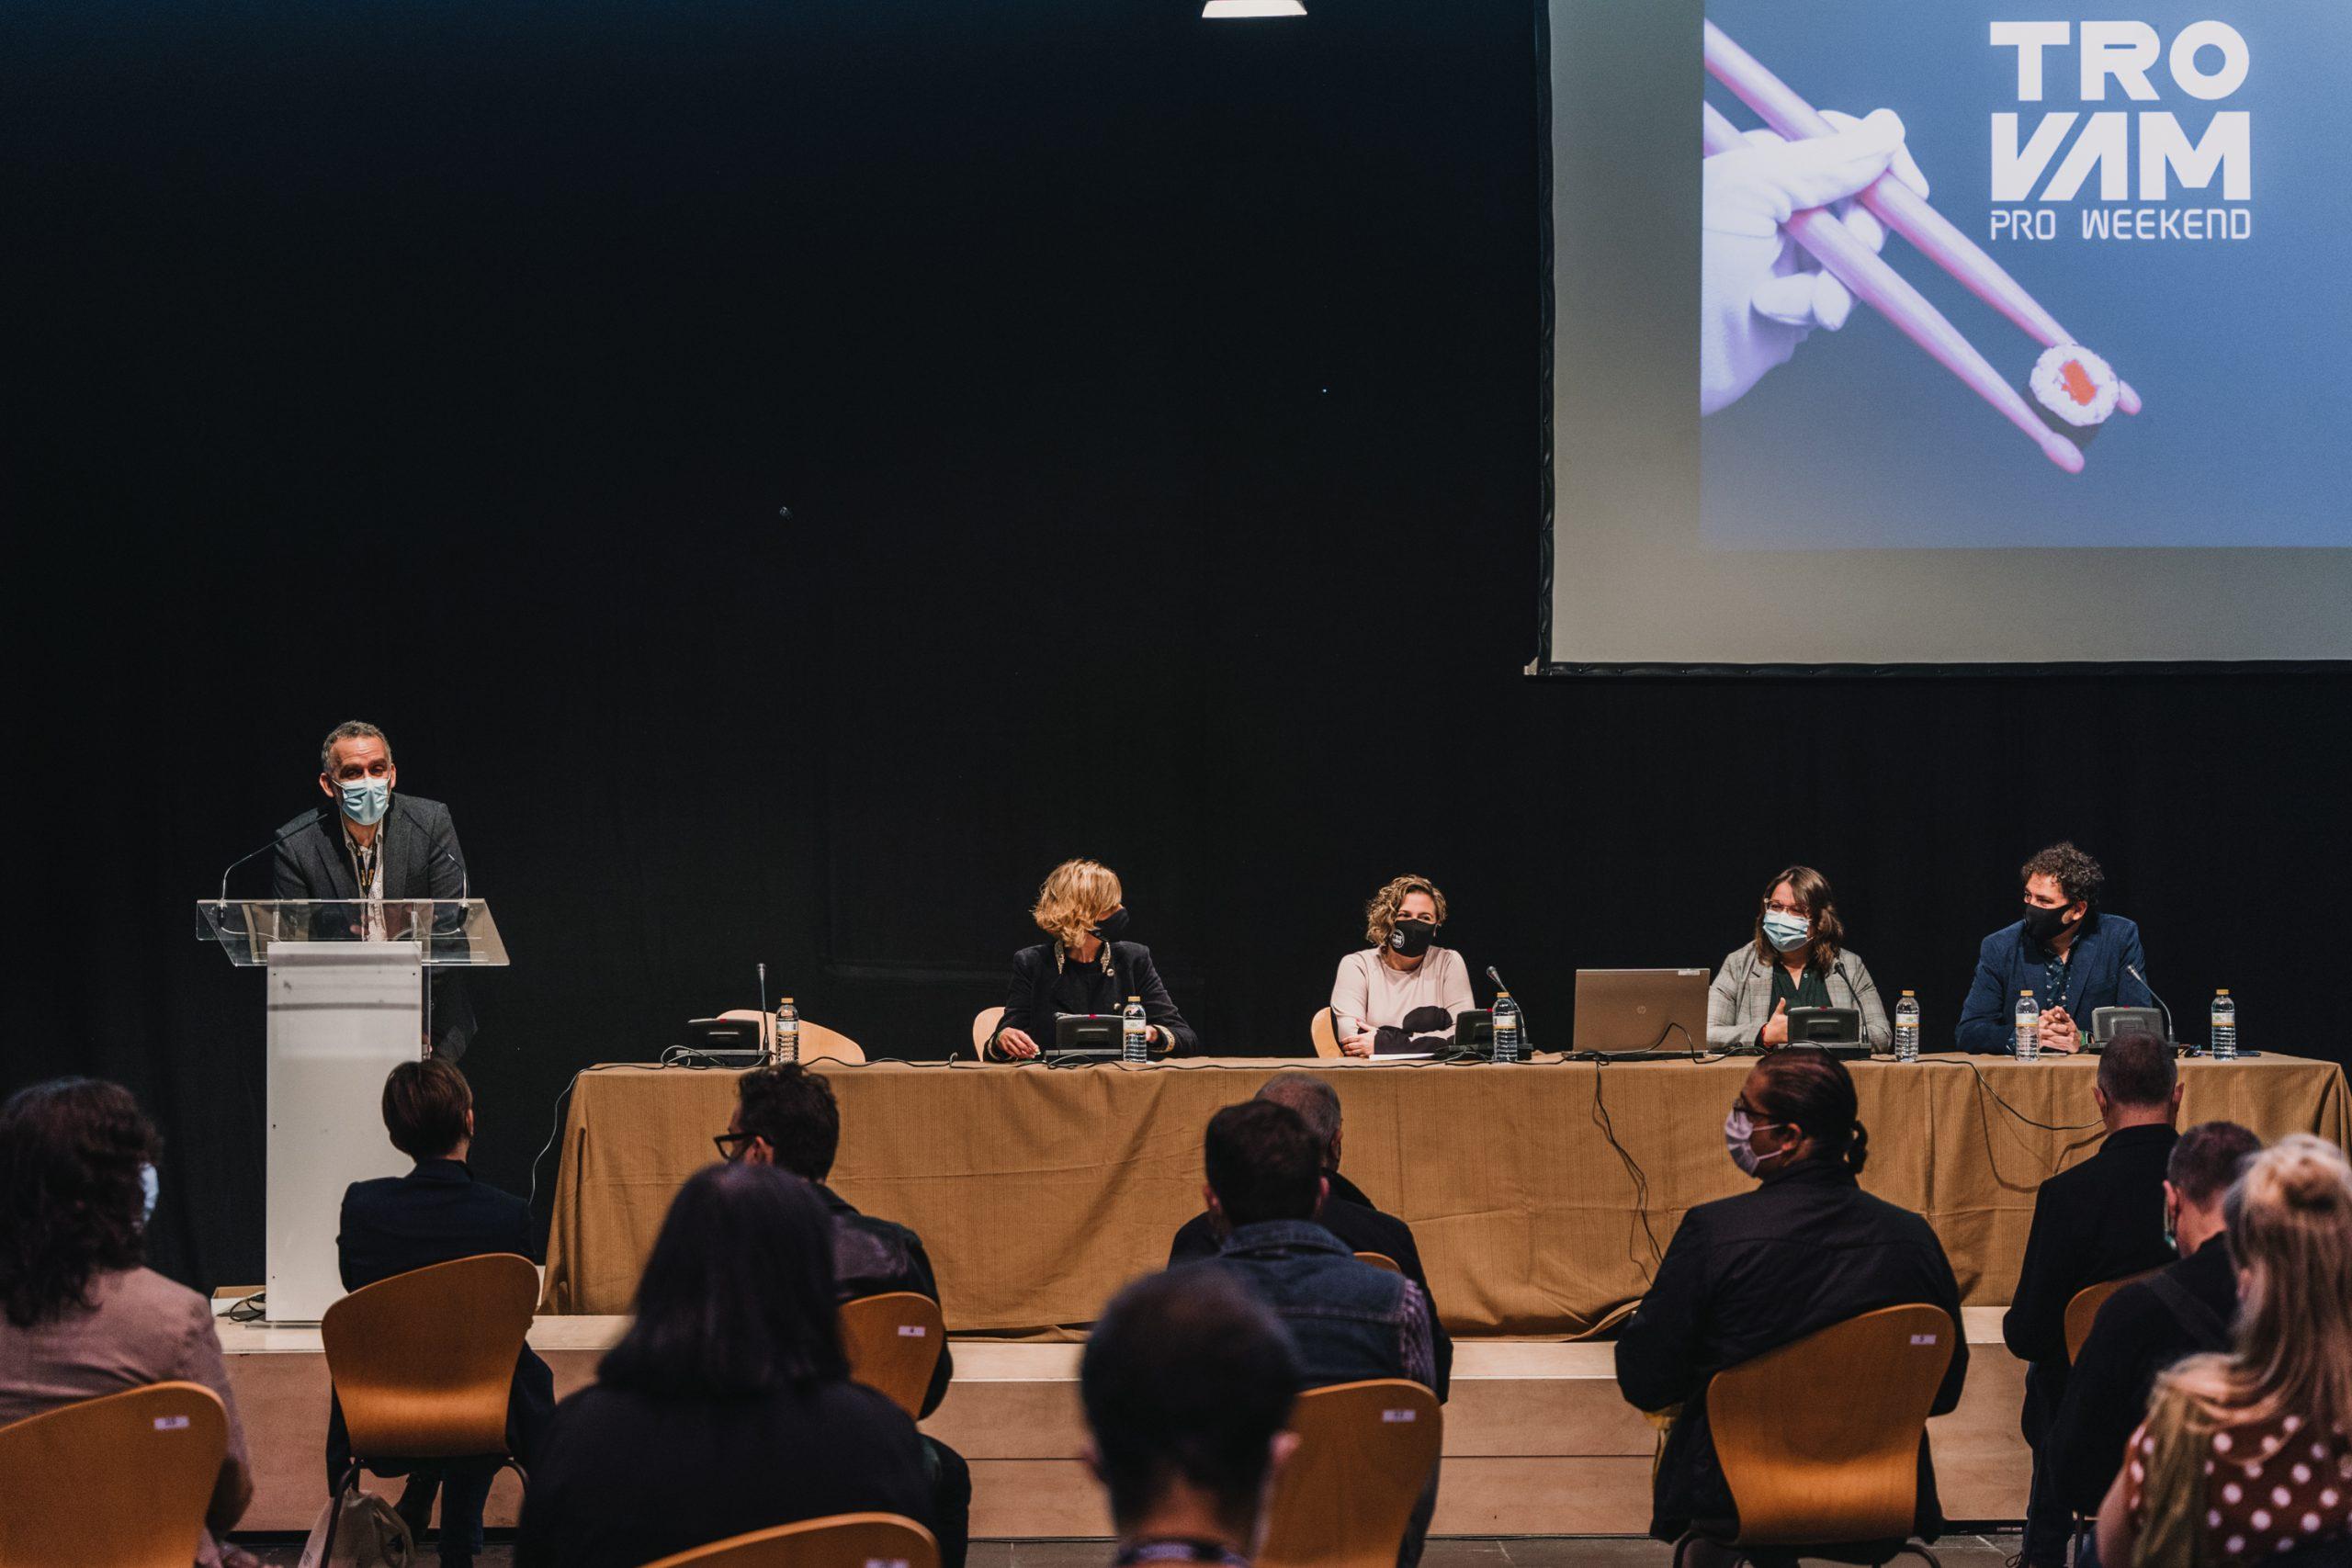 """La diputada provincial de Castellón Ruth Sanz destaca el """"esfuerzo"""" del Trovam para adaptarse a las nuevas normas sanitarias por la Covid-19"""